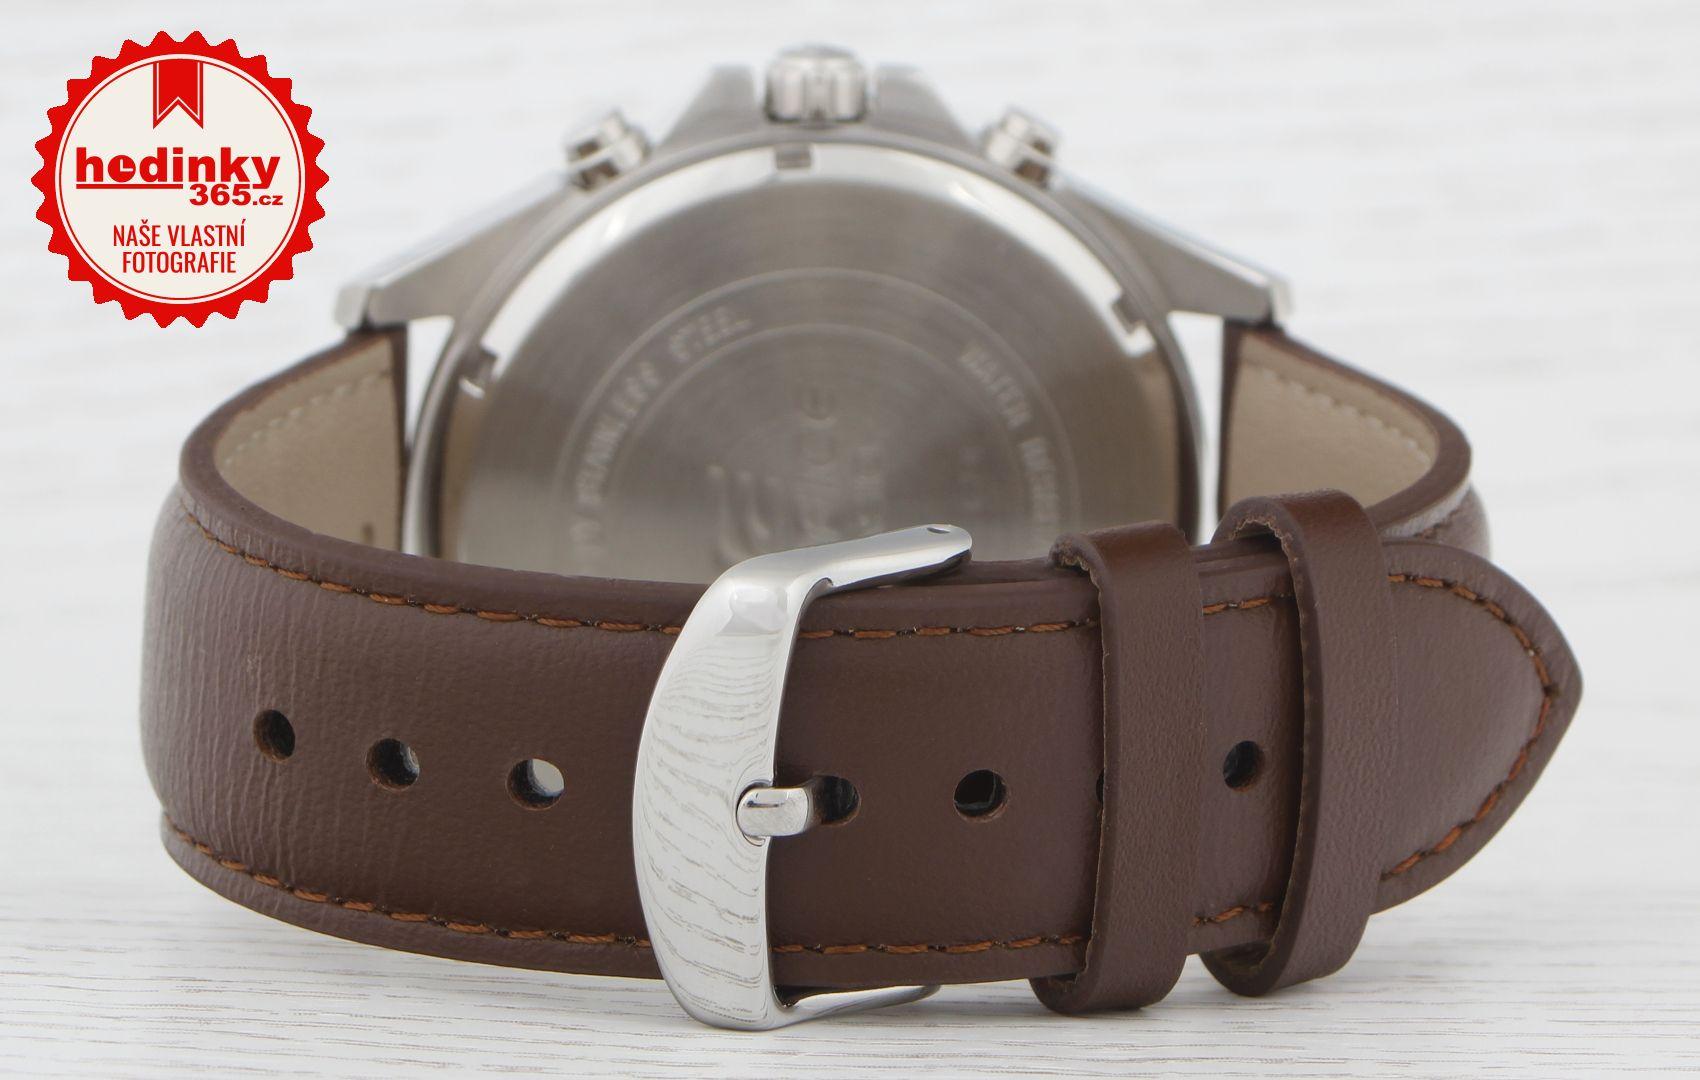 Casio Edifice EFV-500L-7AVUEF. Pánské hodinky - kožený řemínek 9999c6bca1